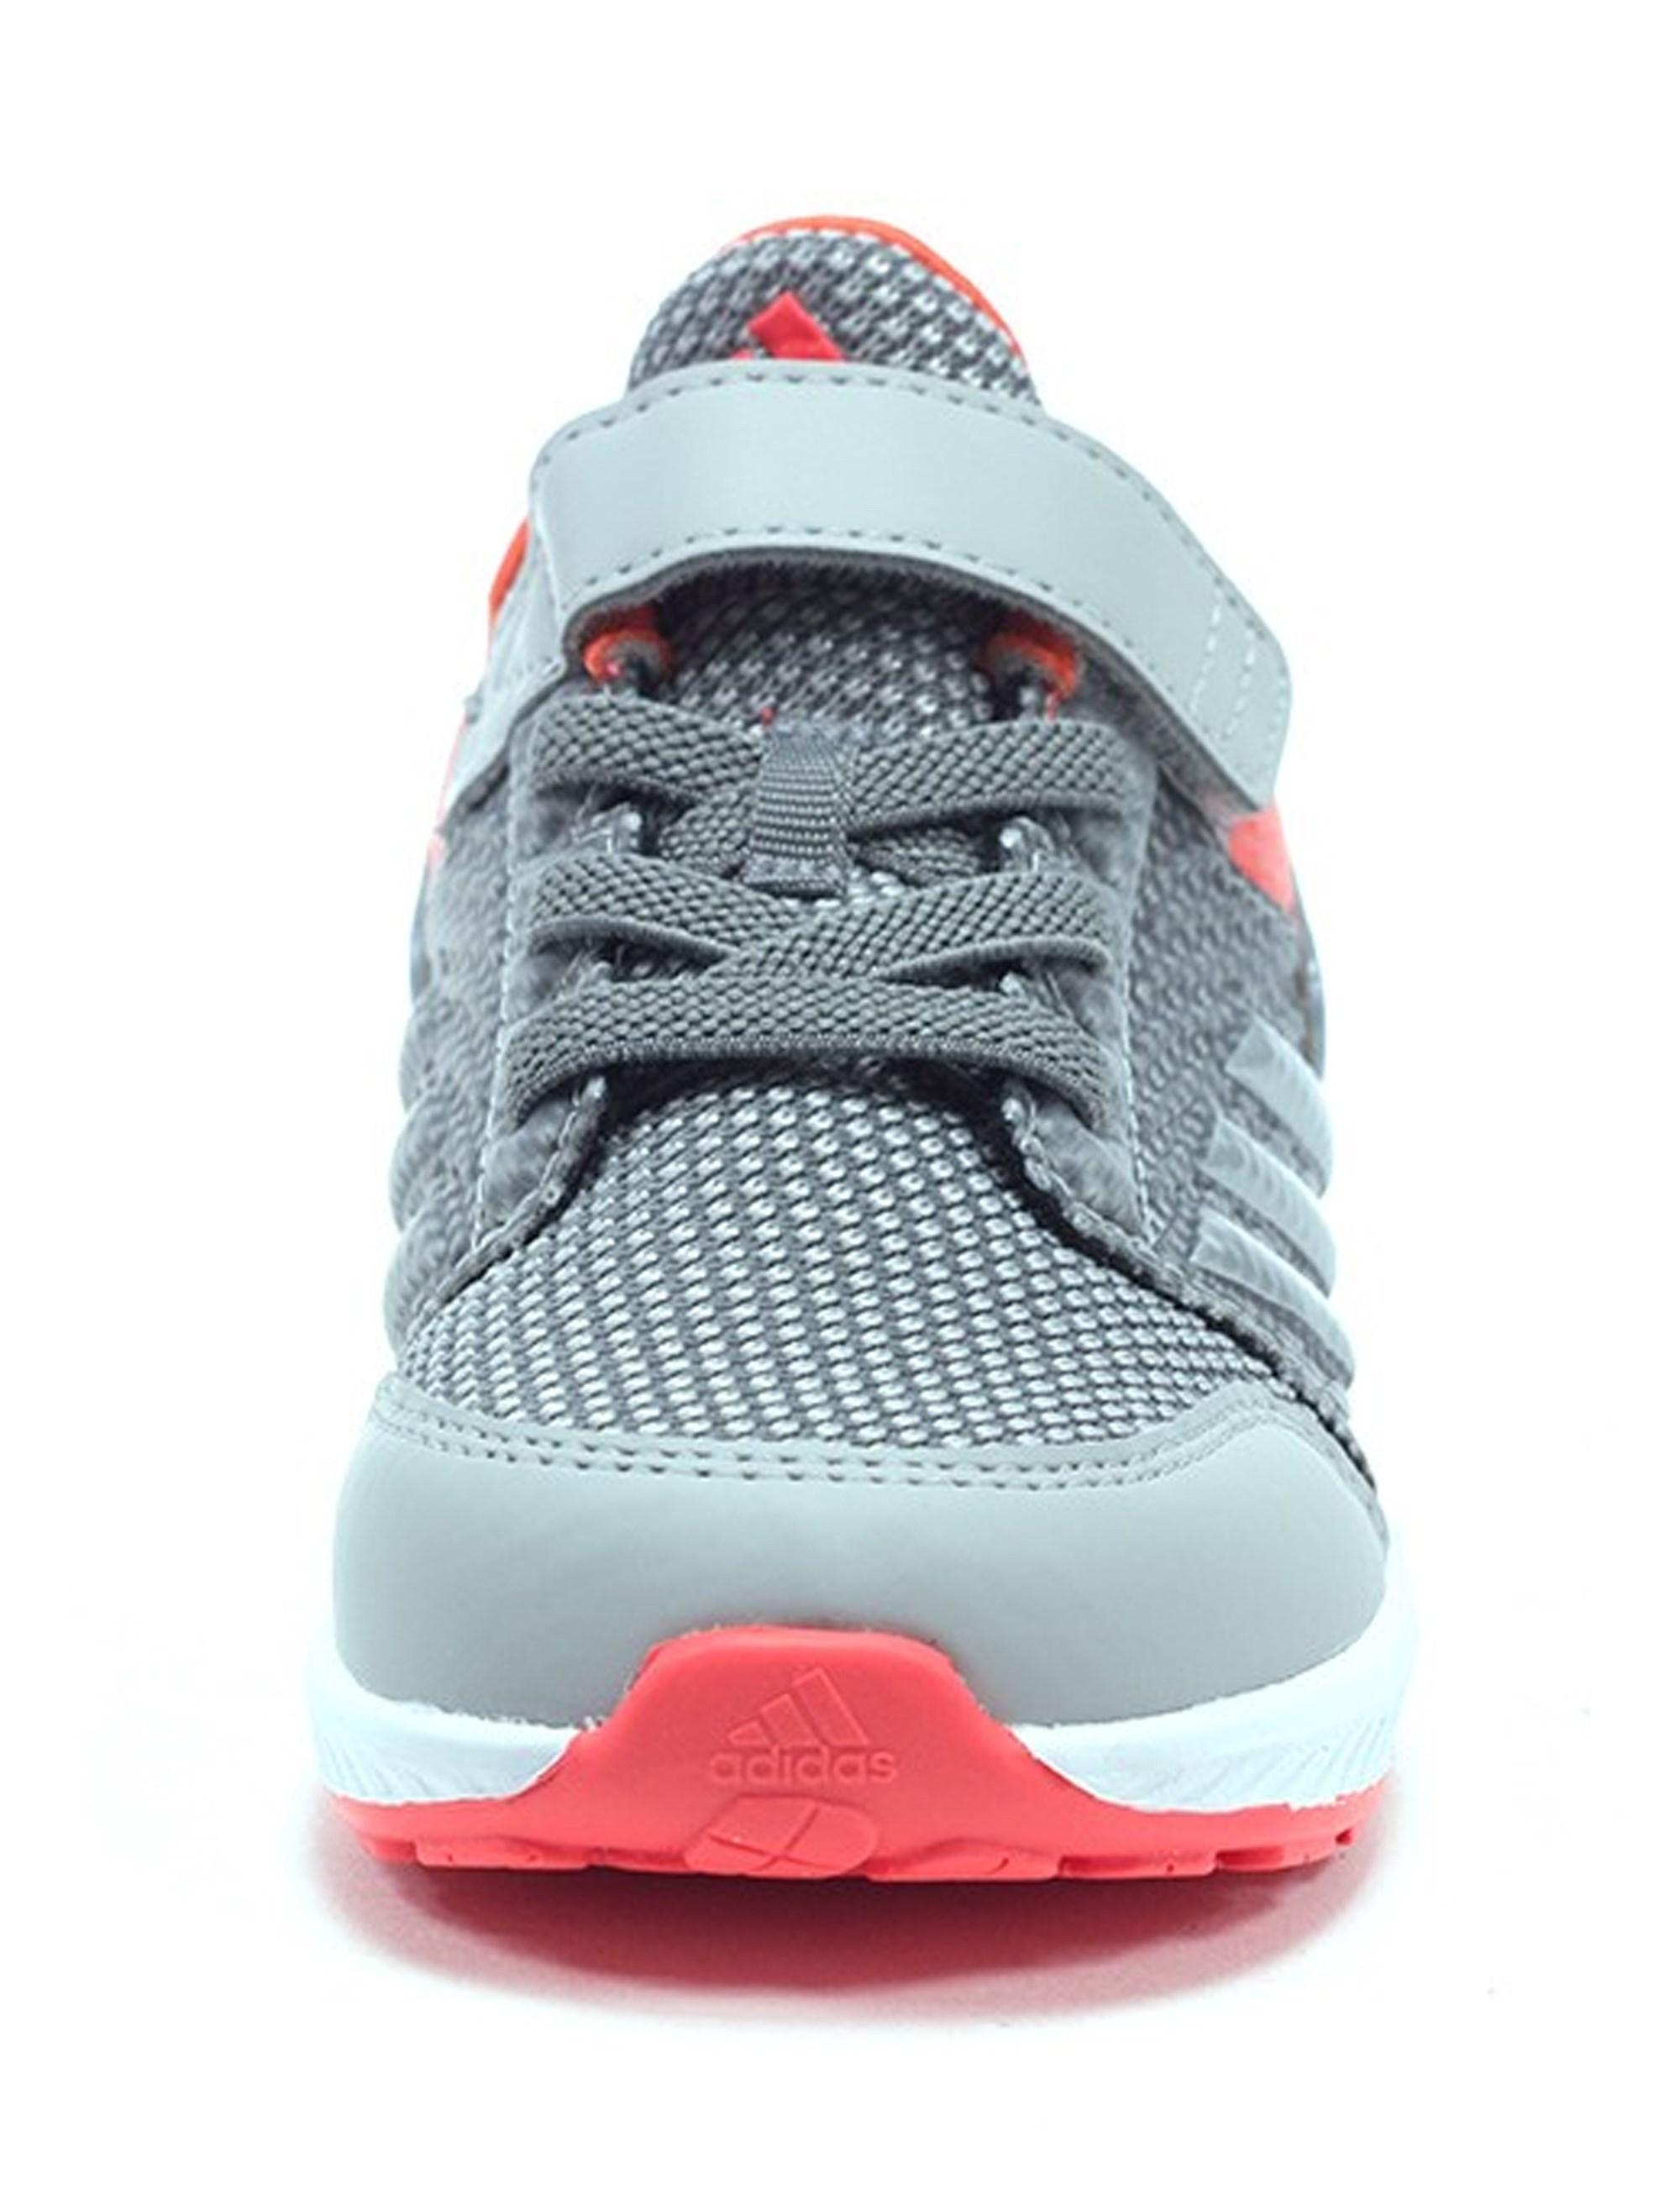 کفش دویدن بندی پسرانه RapidaRun - آدیداس - نقره اي و صورتي - 3